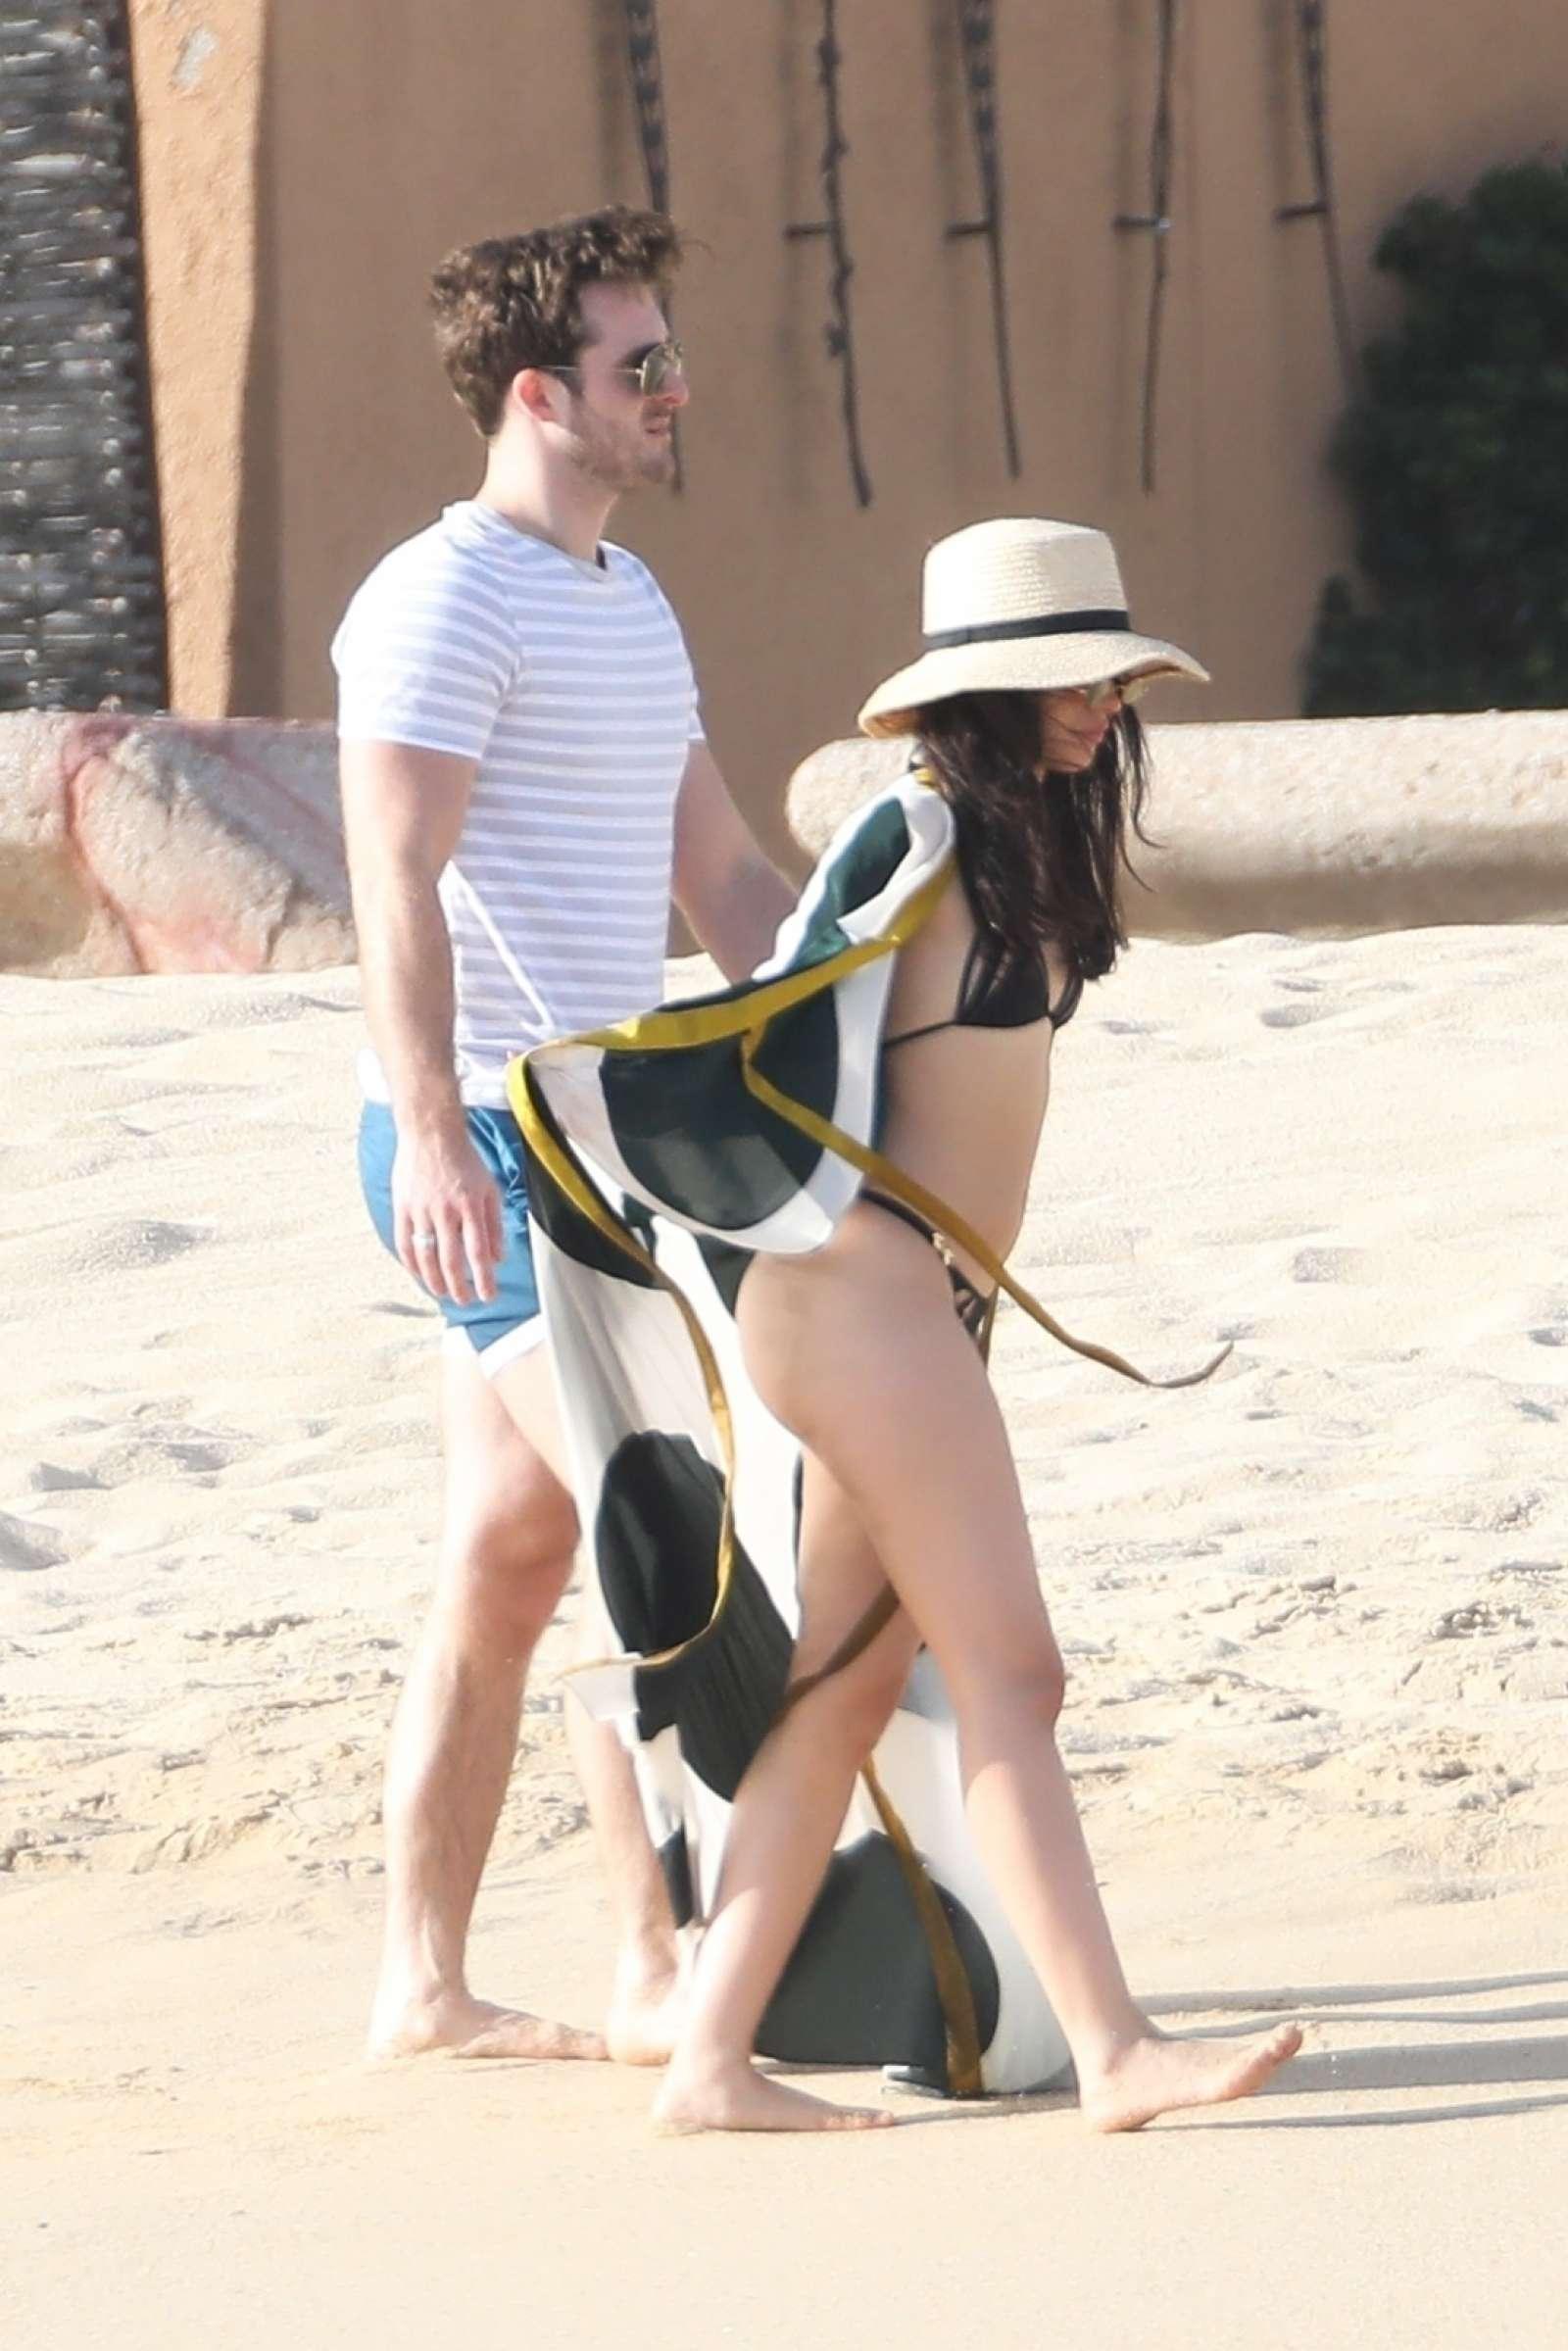 Bikini Camila Cabello nudes (24 photos), Pussy, Is a cute, Boobs, butt 2015